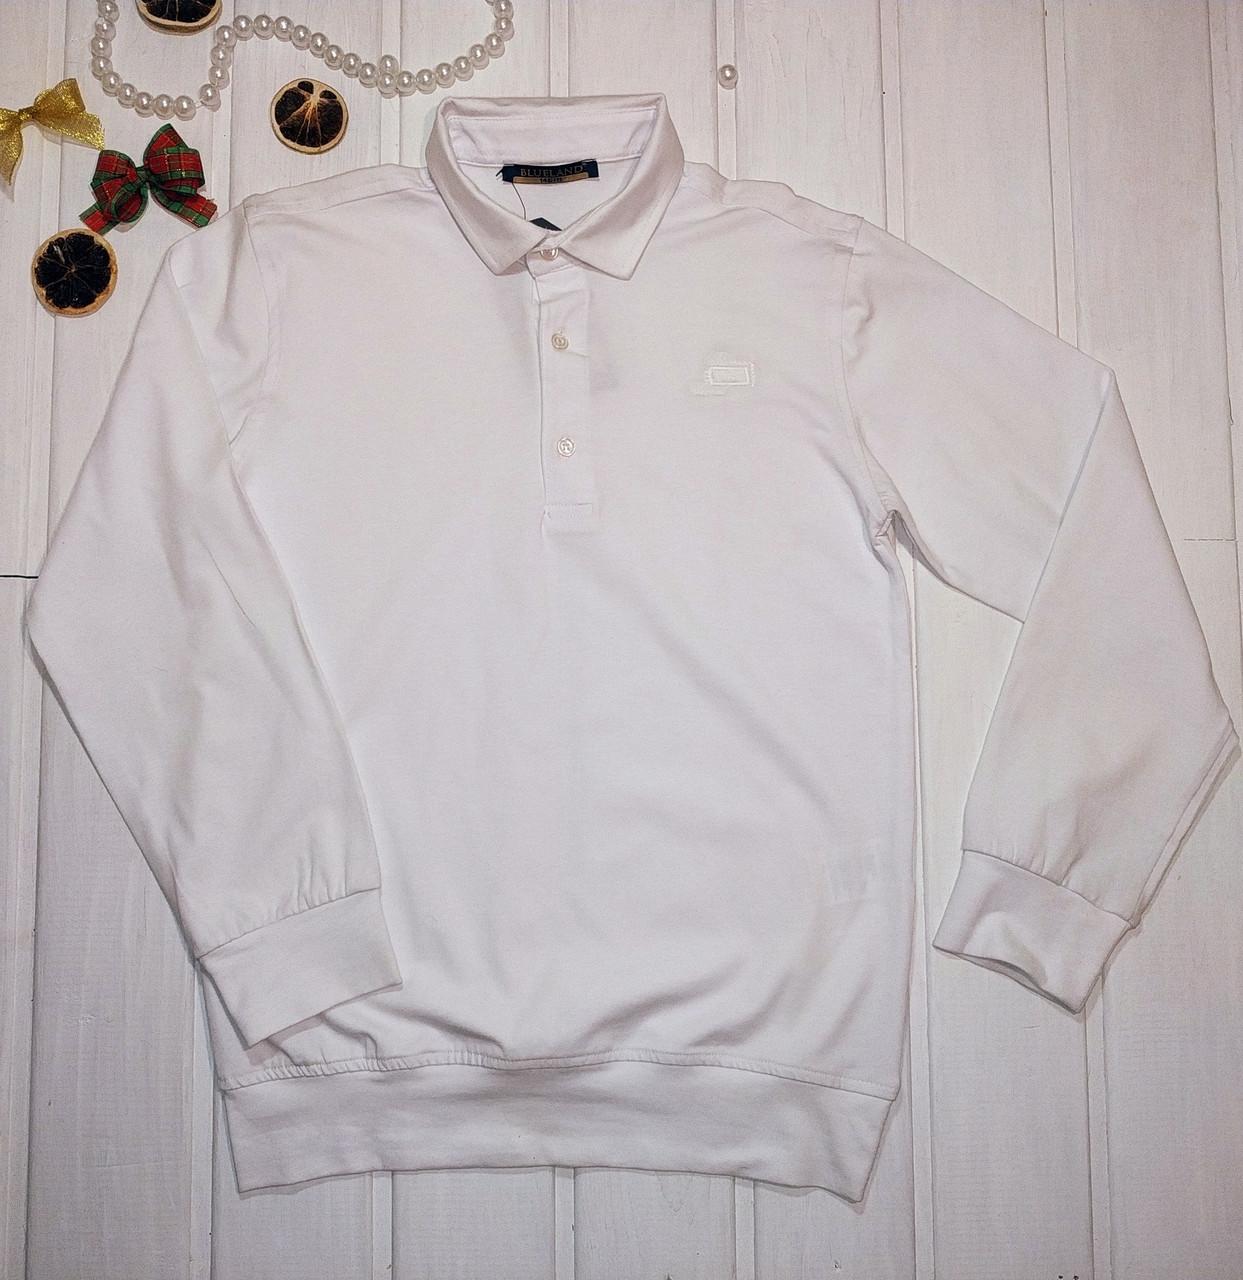 Джемпер поло для подростка белый Размеры 158